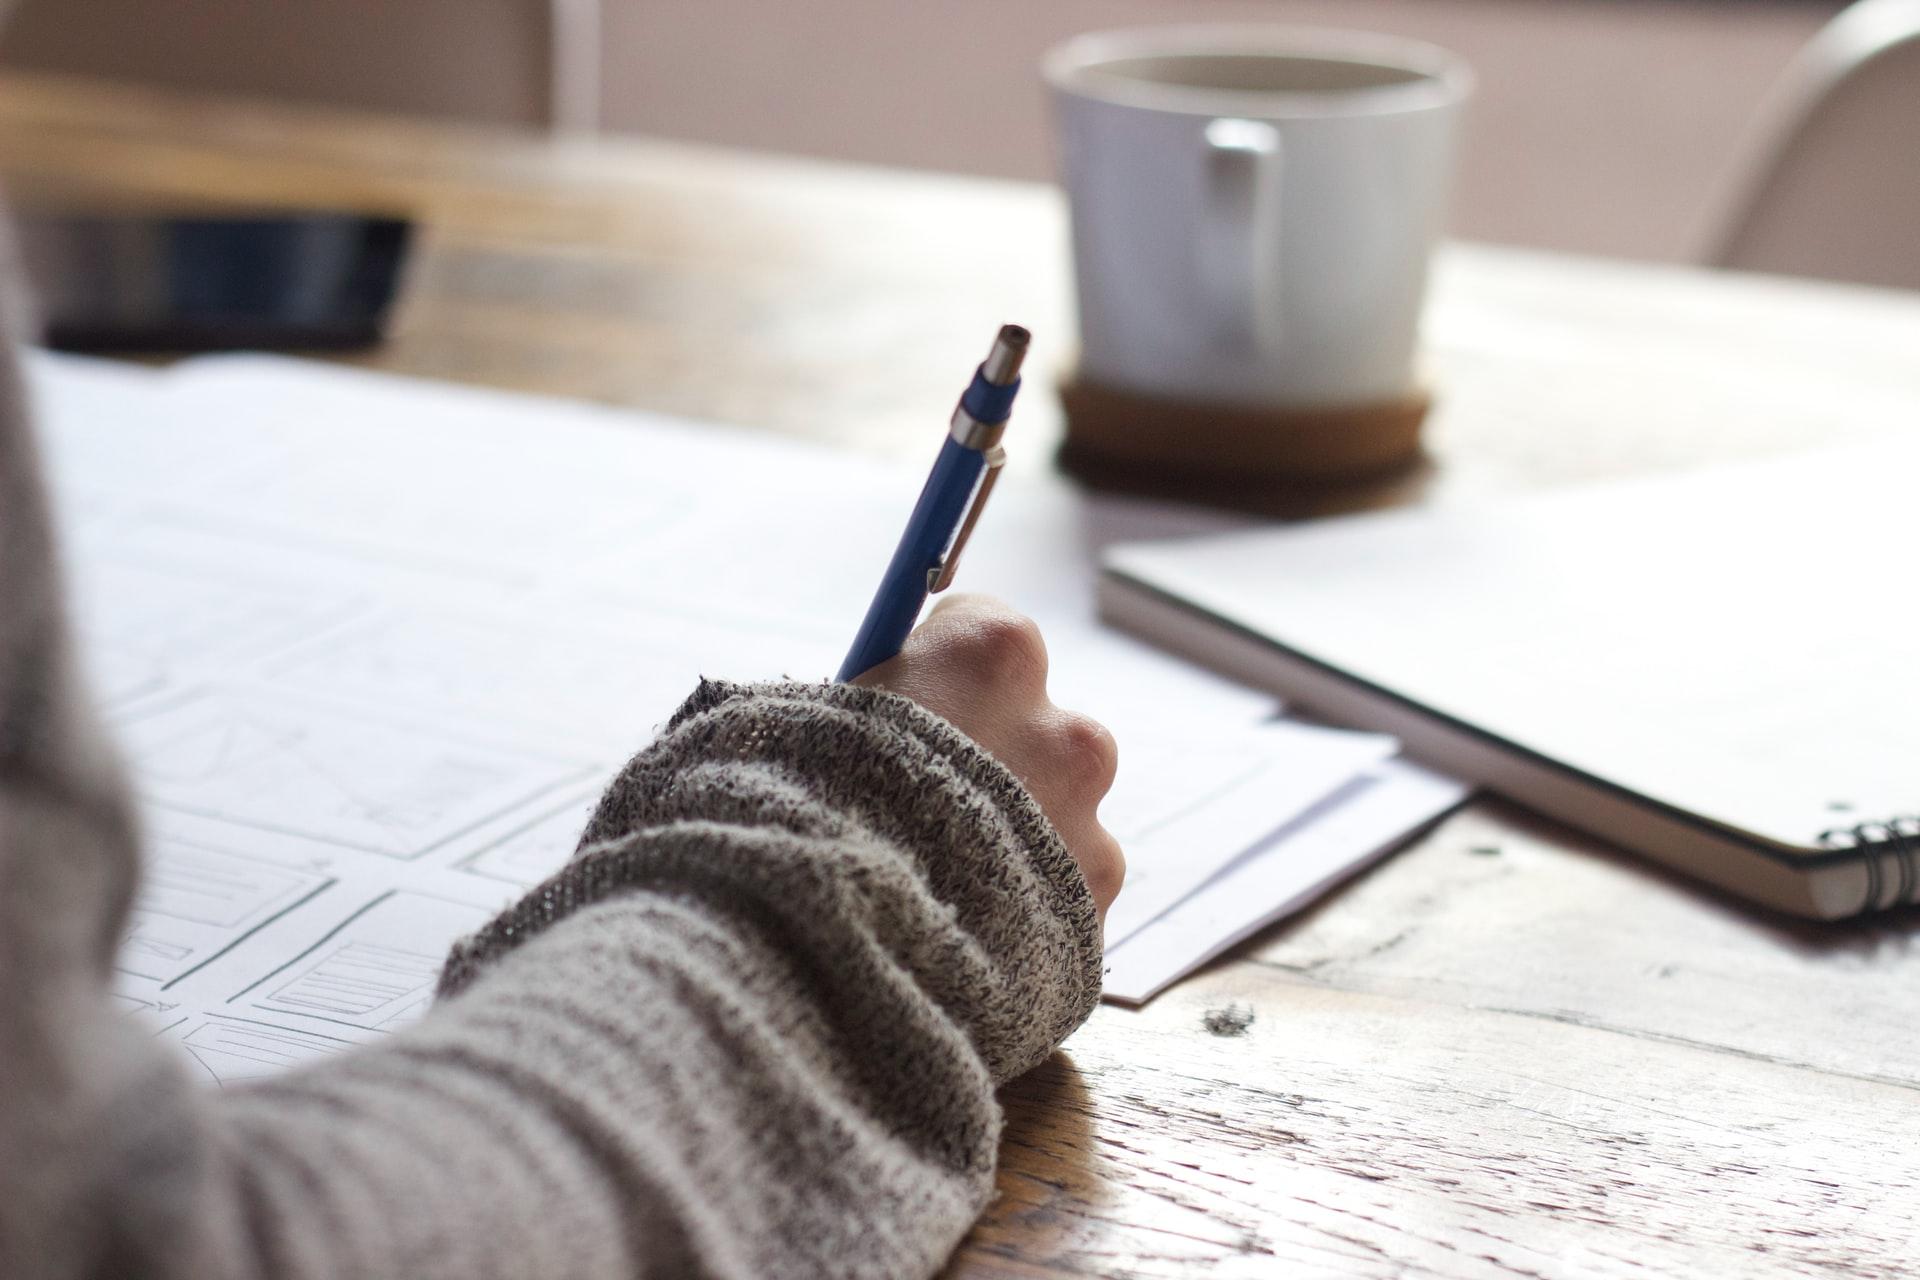 De vele voordelen die een goede koffiemachine op kantoor te bieden heeft